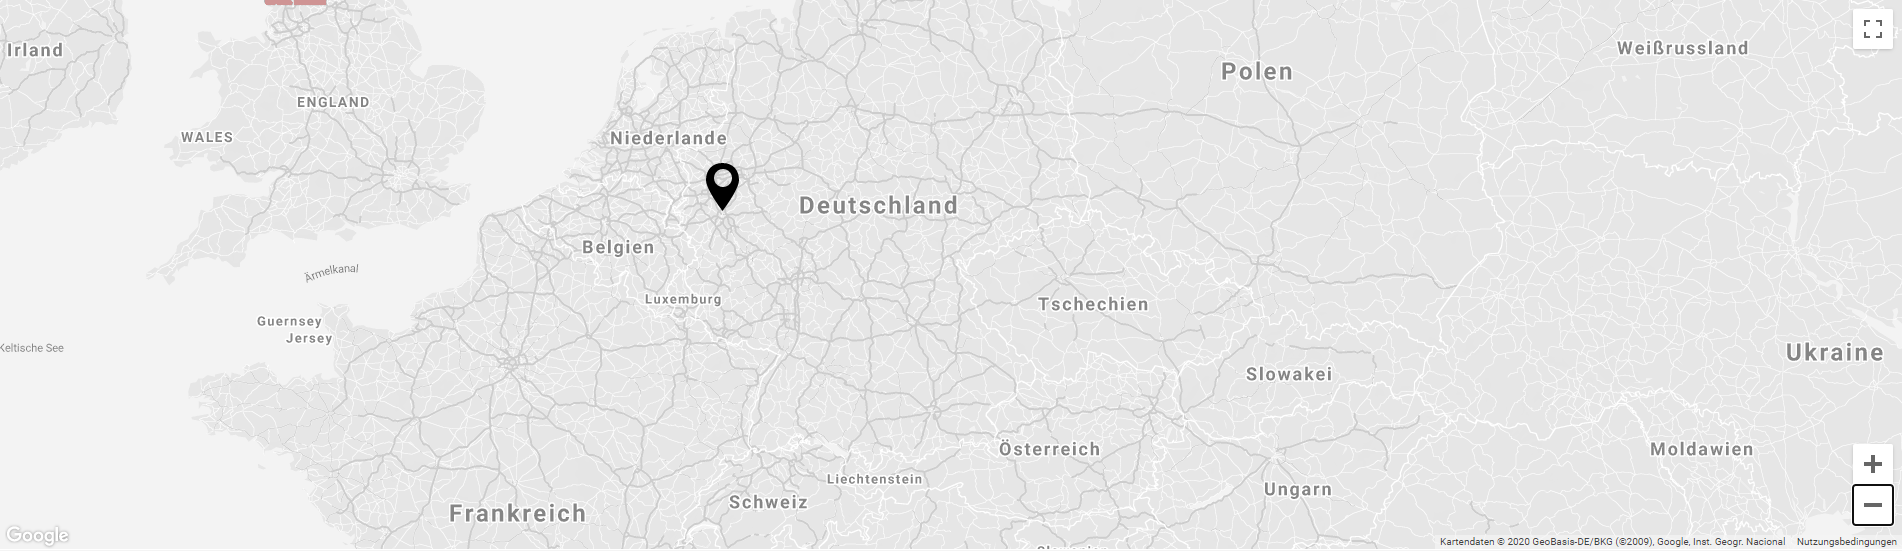 FireShot Capture 184 - Kontakt - Schwank - schwank.de